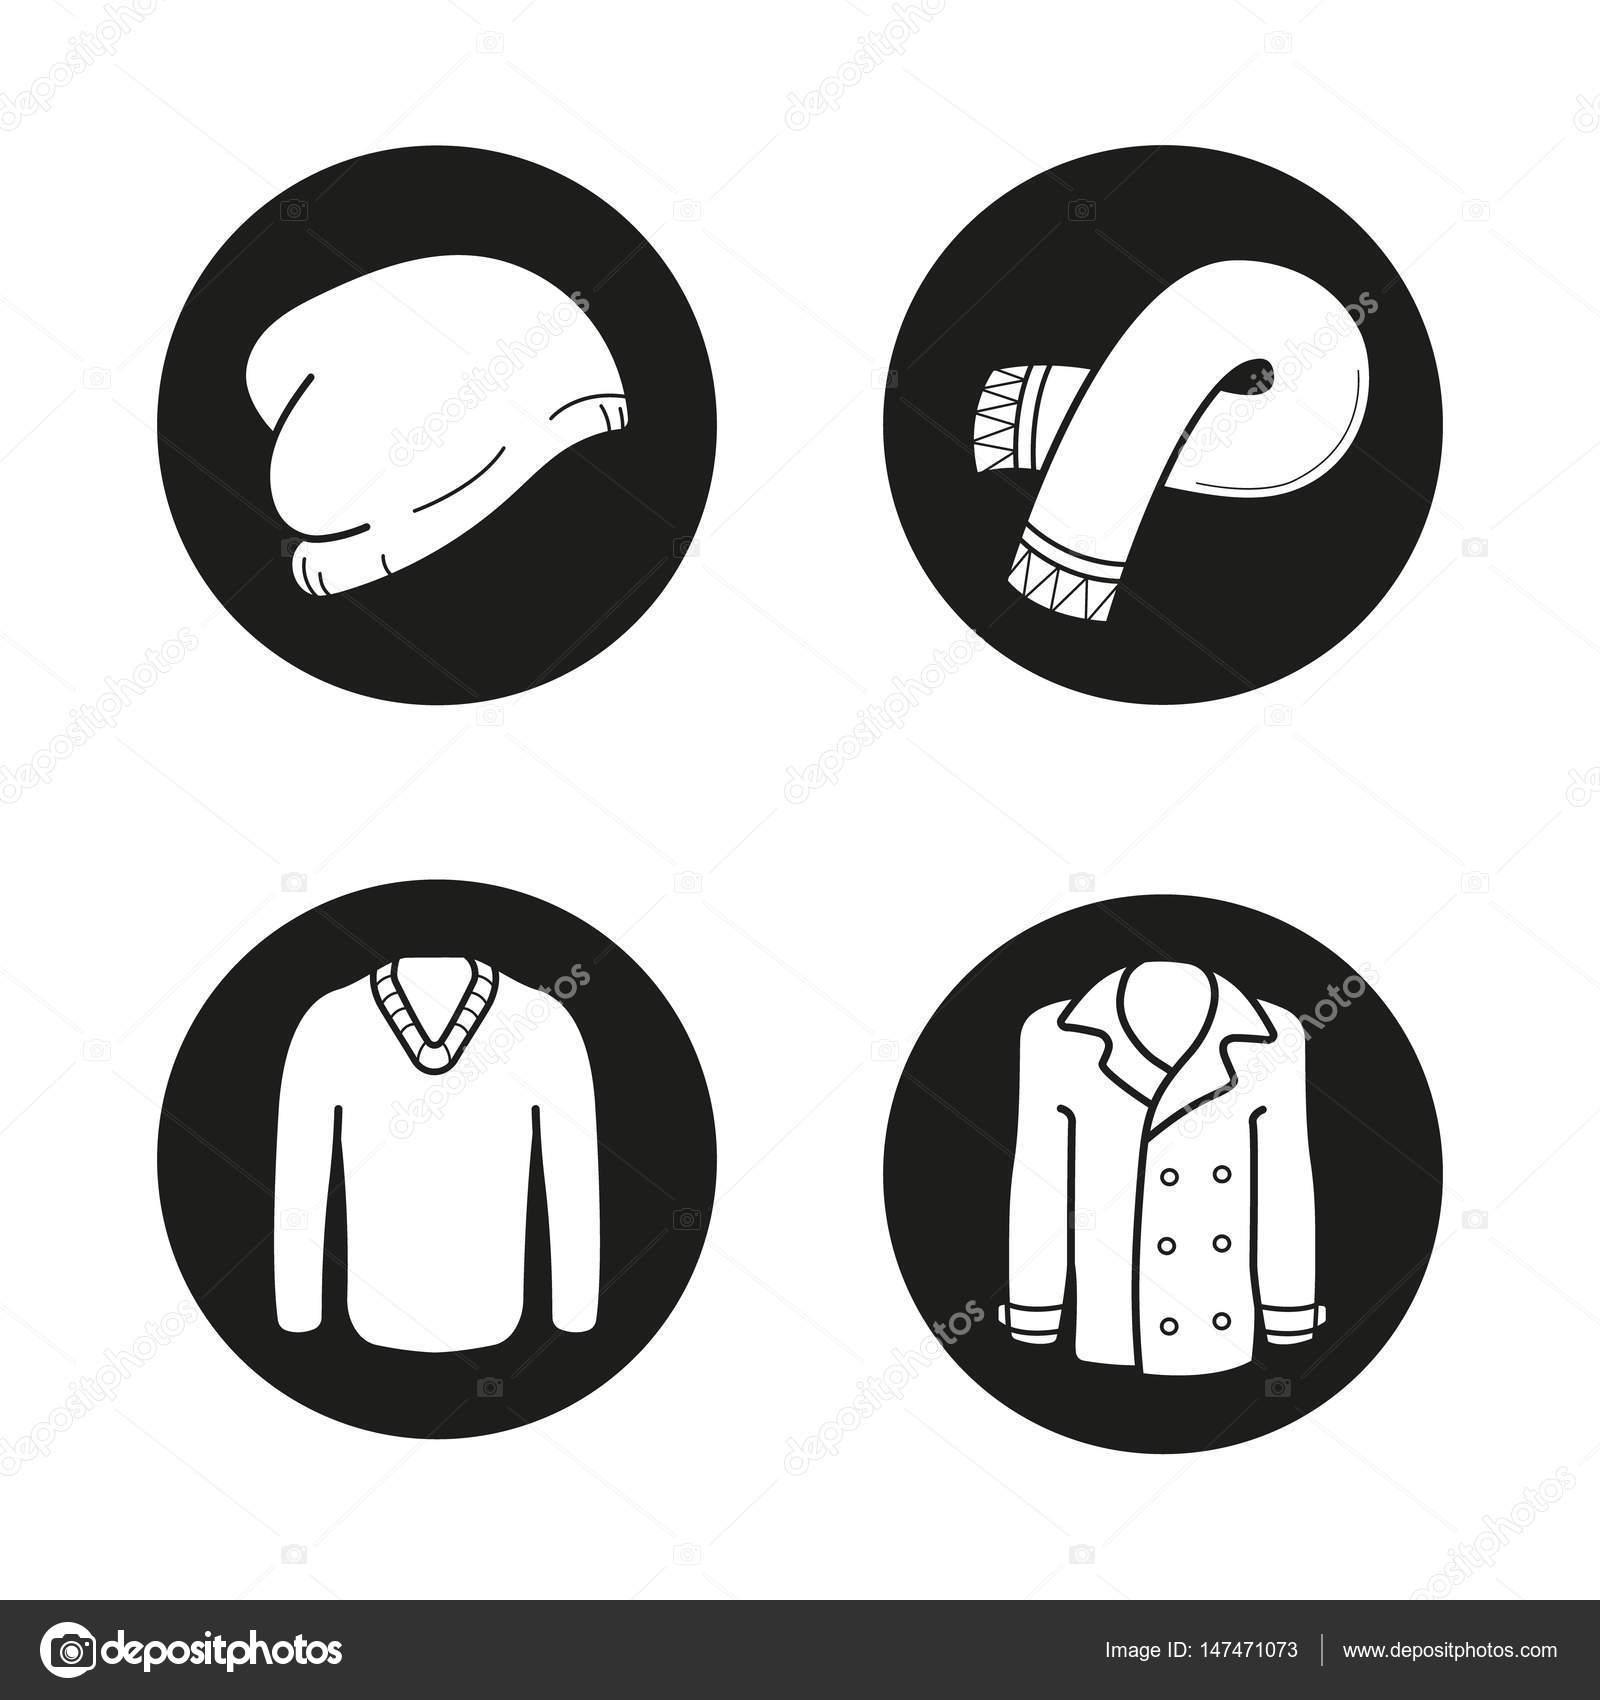 09c427cd0b2 Podzimní teplé oblečení ikony nastavit — Stock Vektor © bsd  147471073